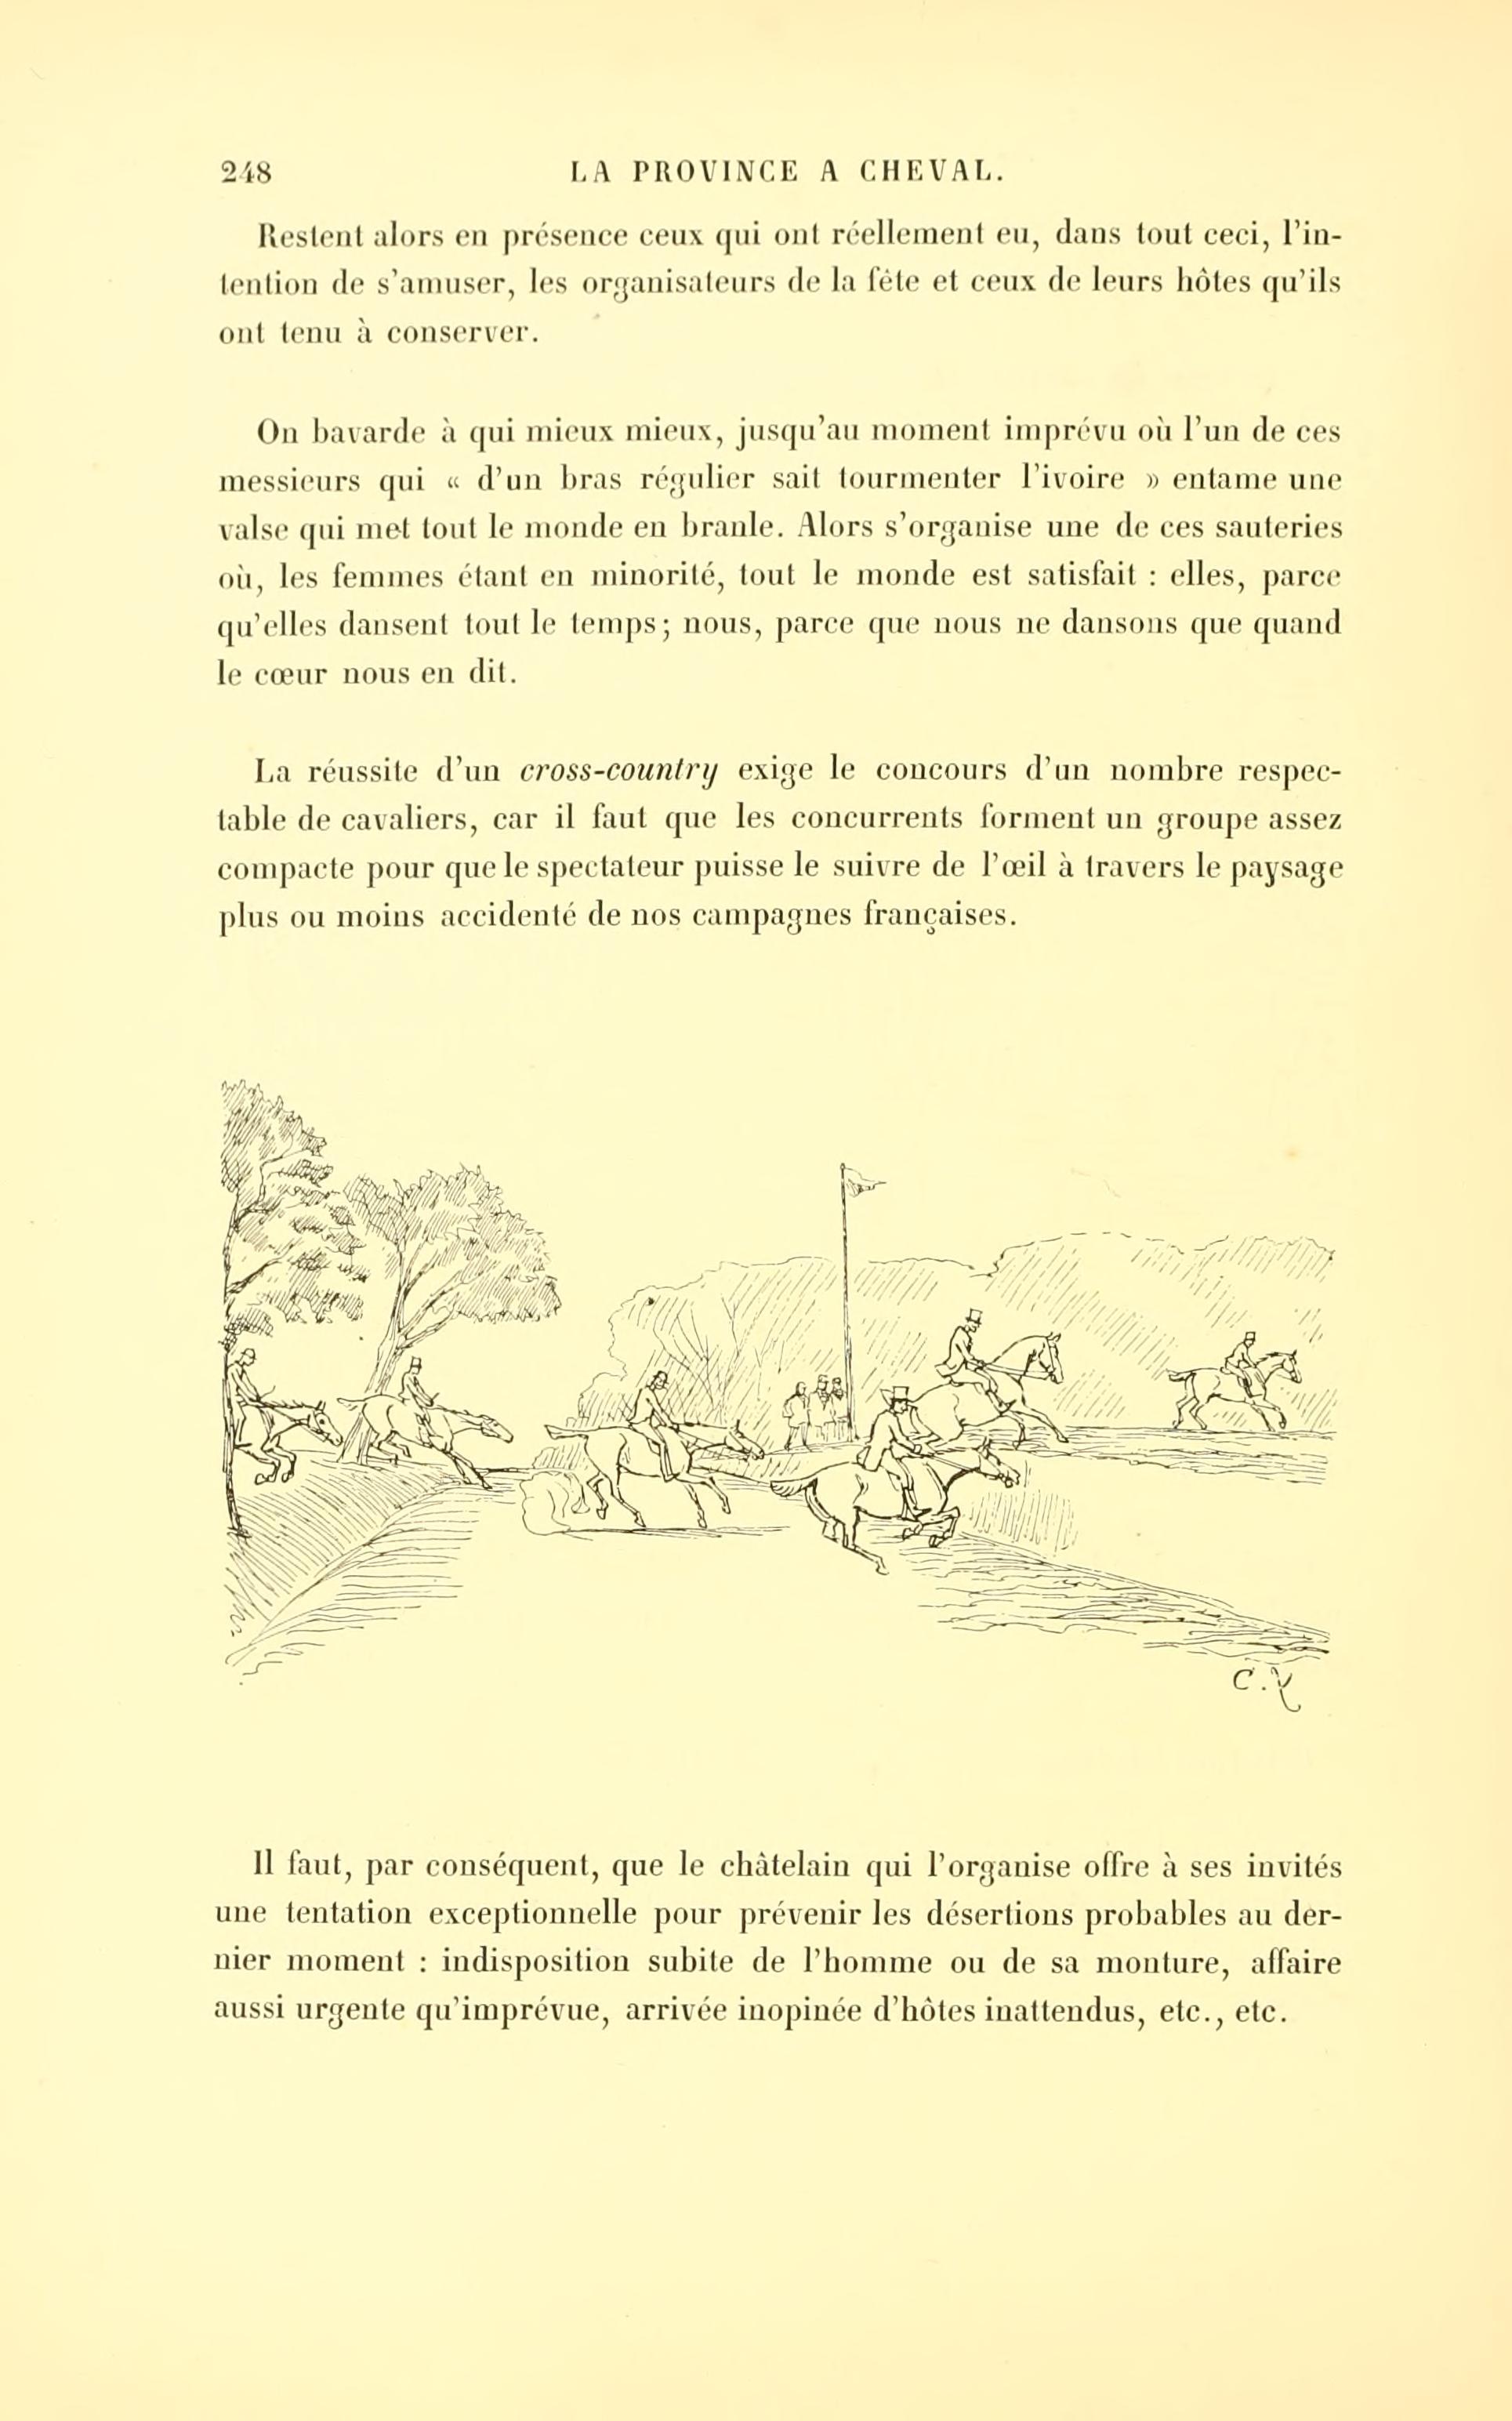 Www Un Temps Pour Elles Com file:la province a cheval (page 248) bhl20365149